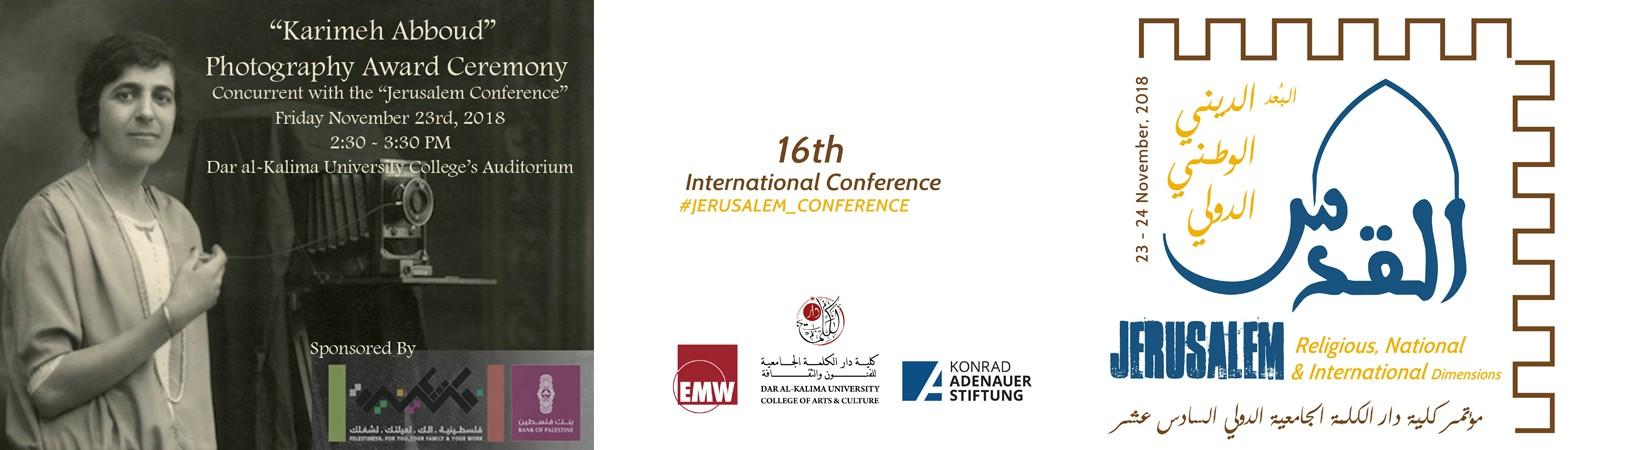 November Upcoming Conference: